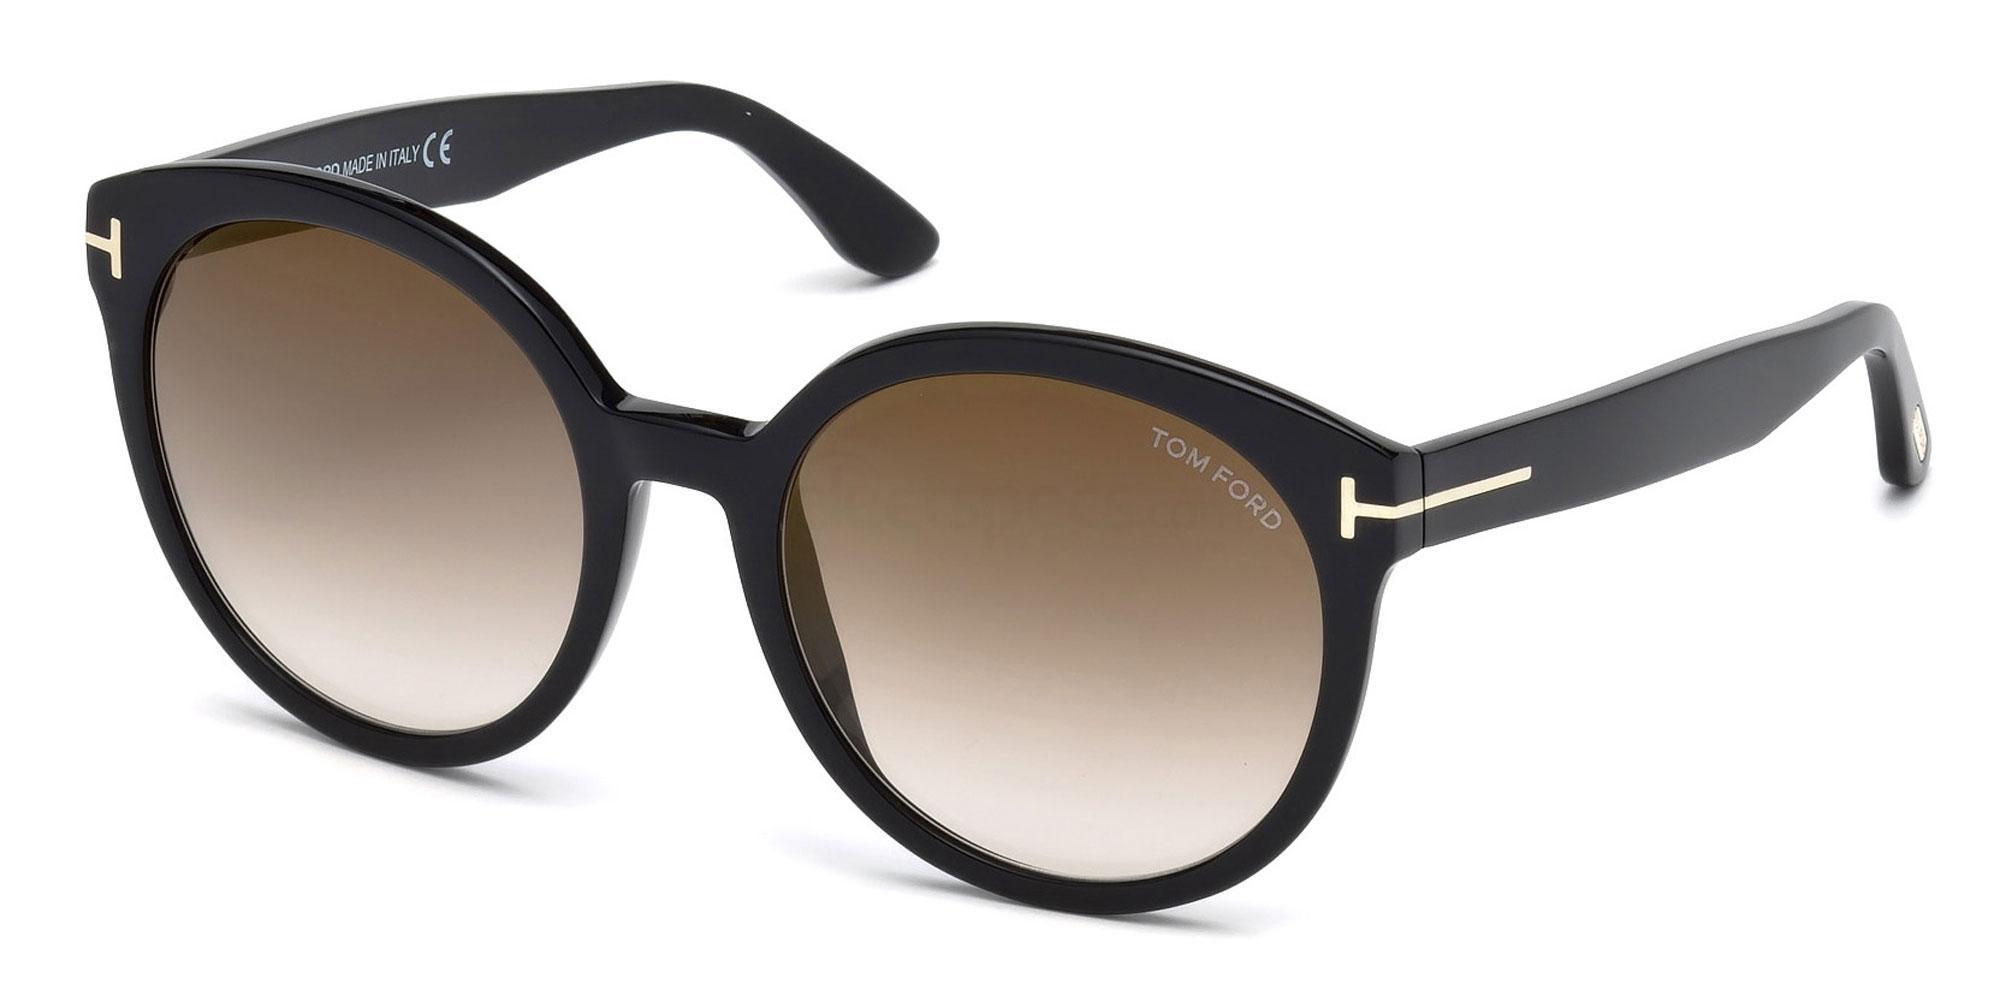 01G FT0503 Sunglasses, Tom Ford